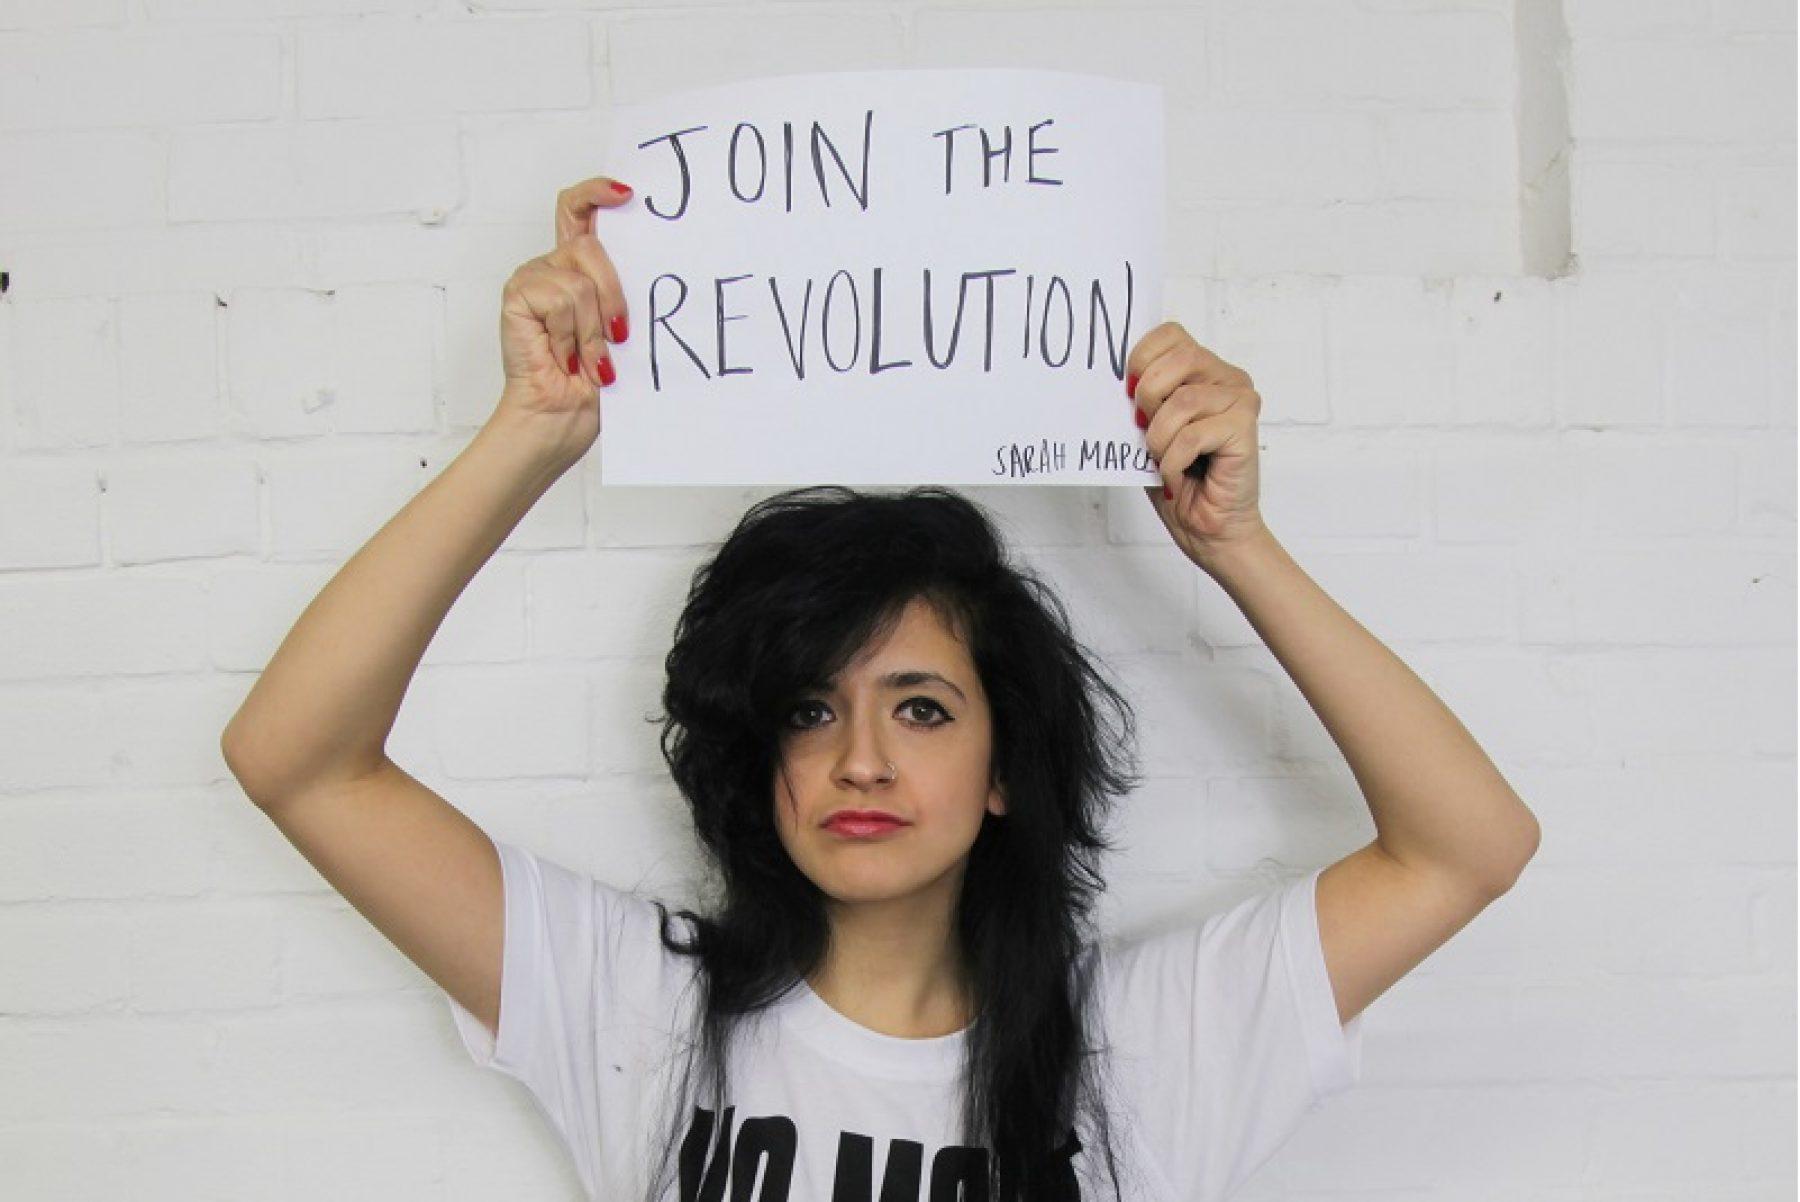 Tweet by tweet, female representation is being redefined - Positive